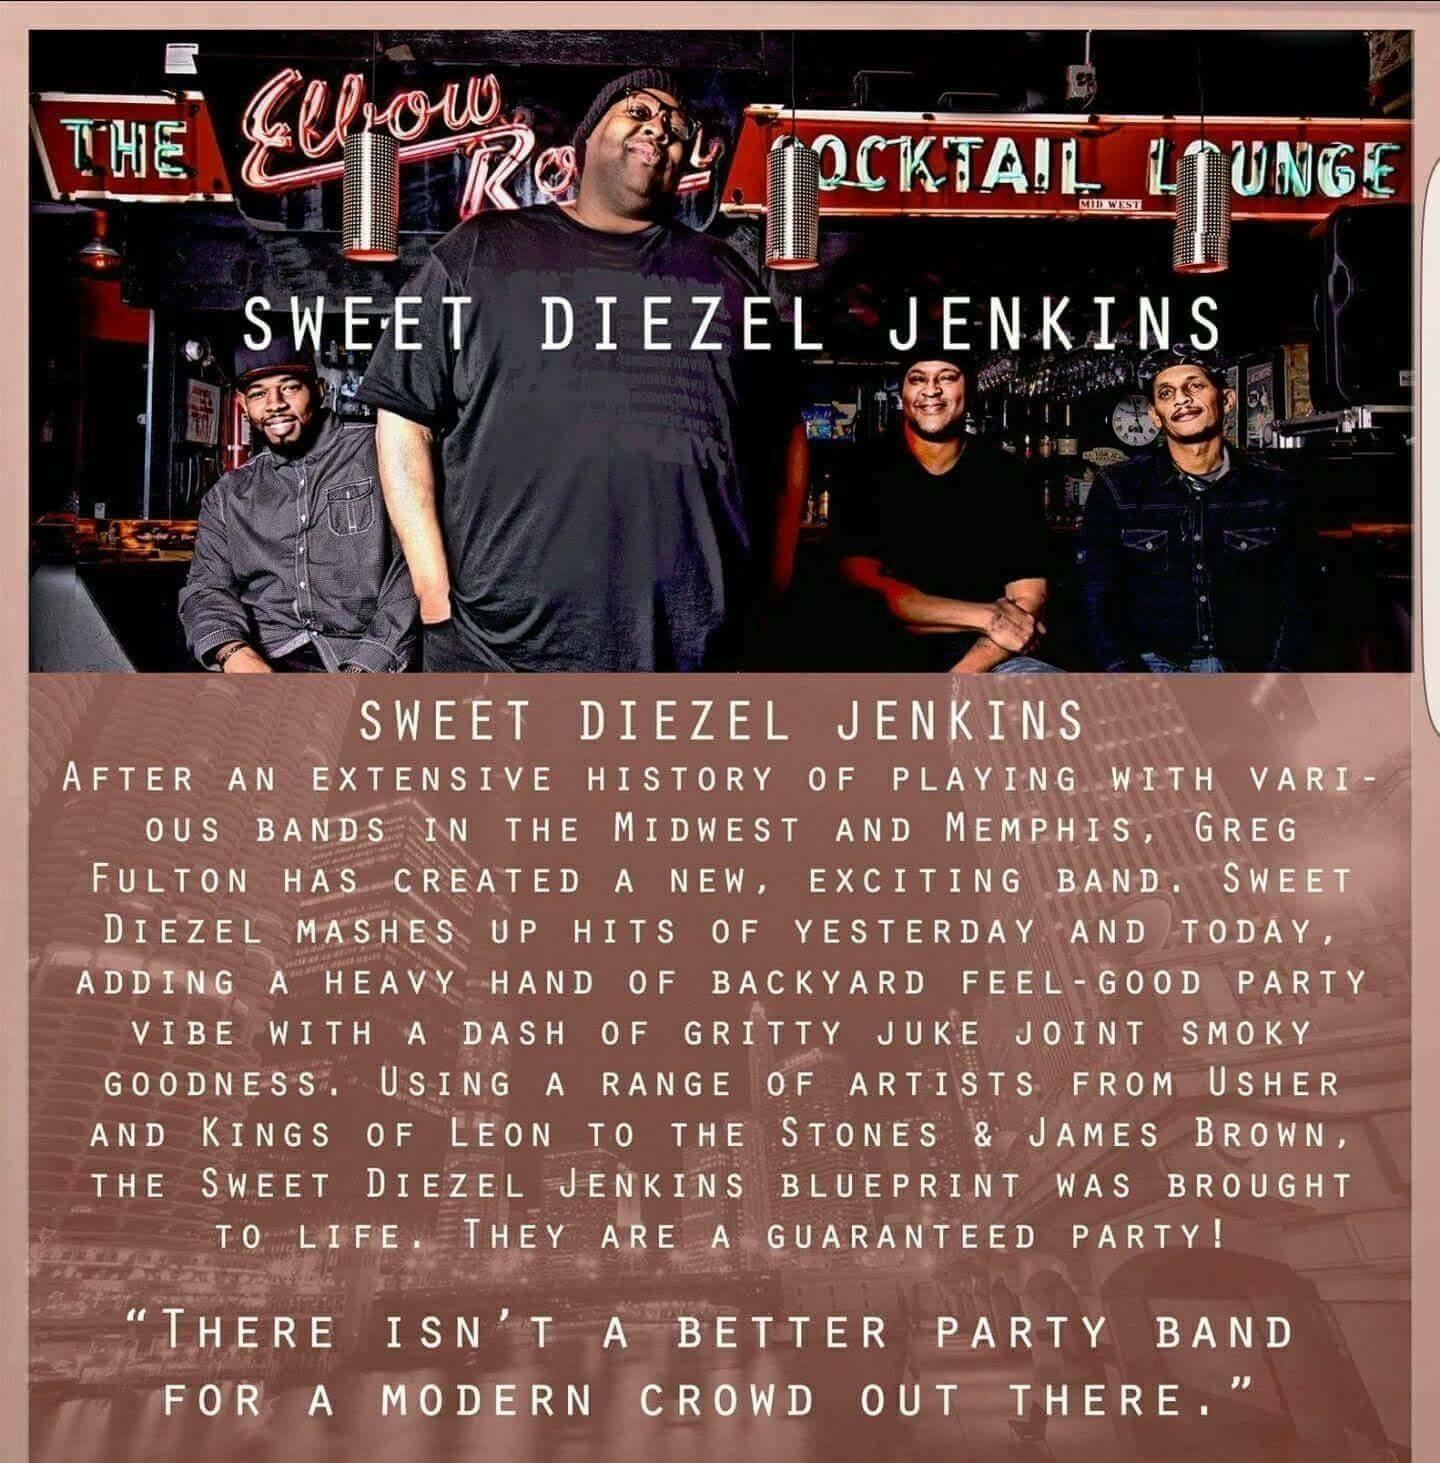 Sweet Diezel Jenkins